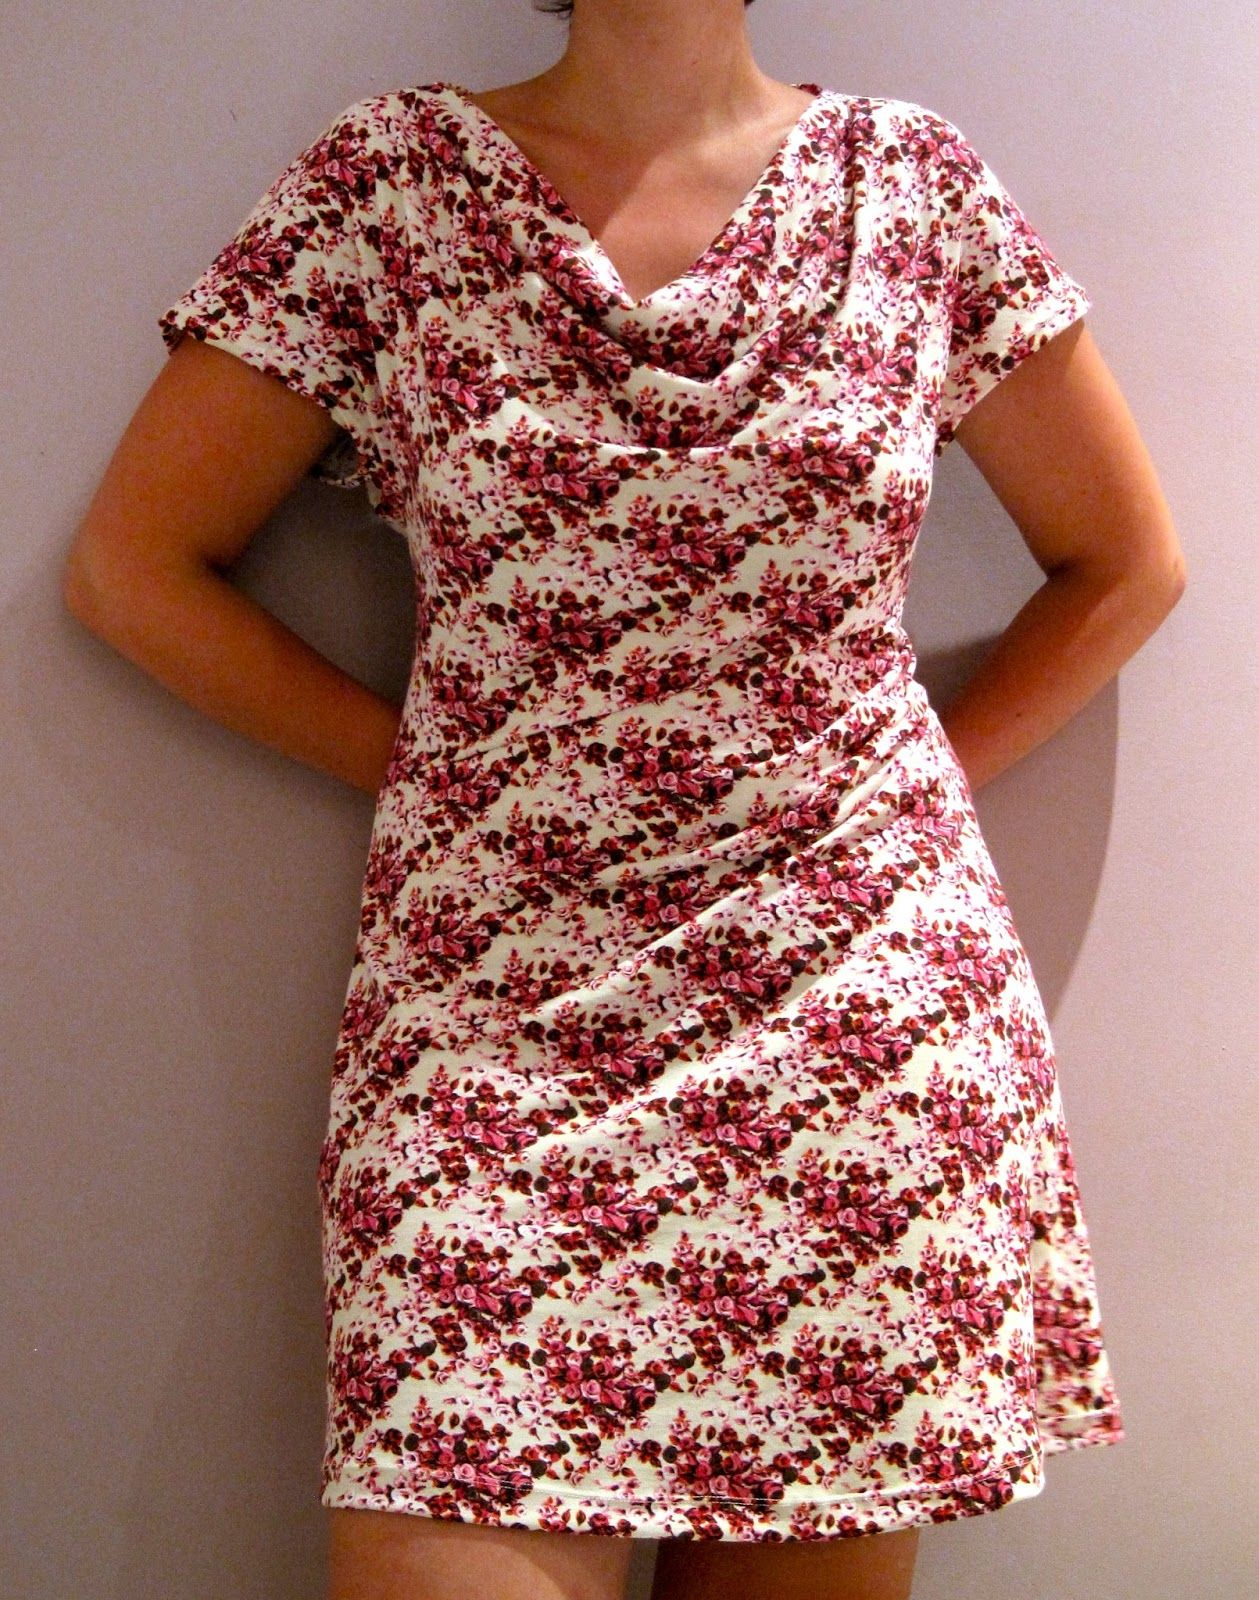 De Eva Dress Is Een Gratis Patroon Voor Een Tricot Jurk Wat Je Hier